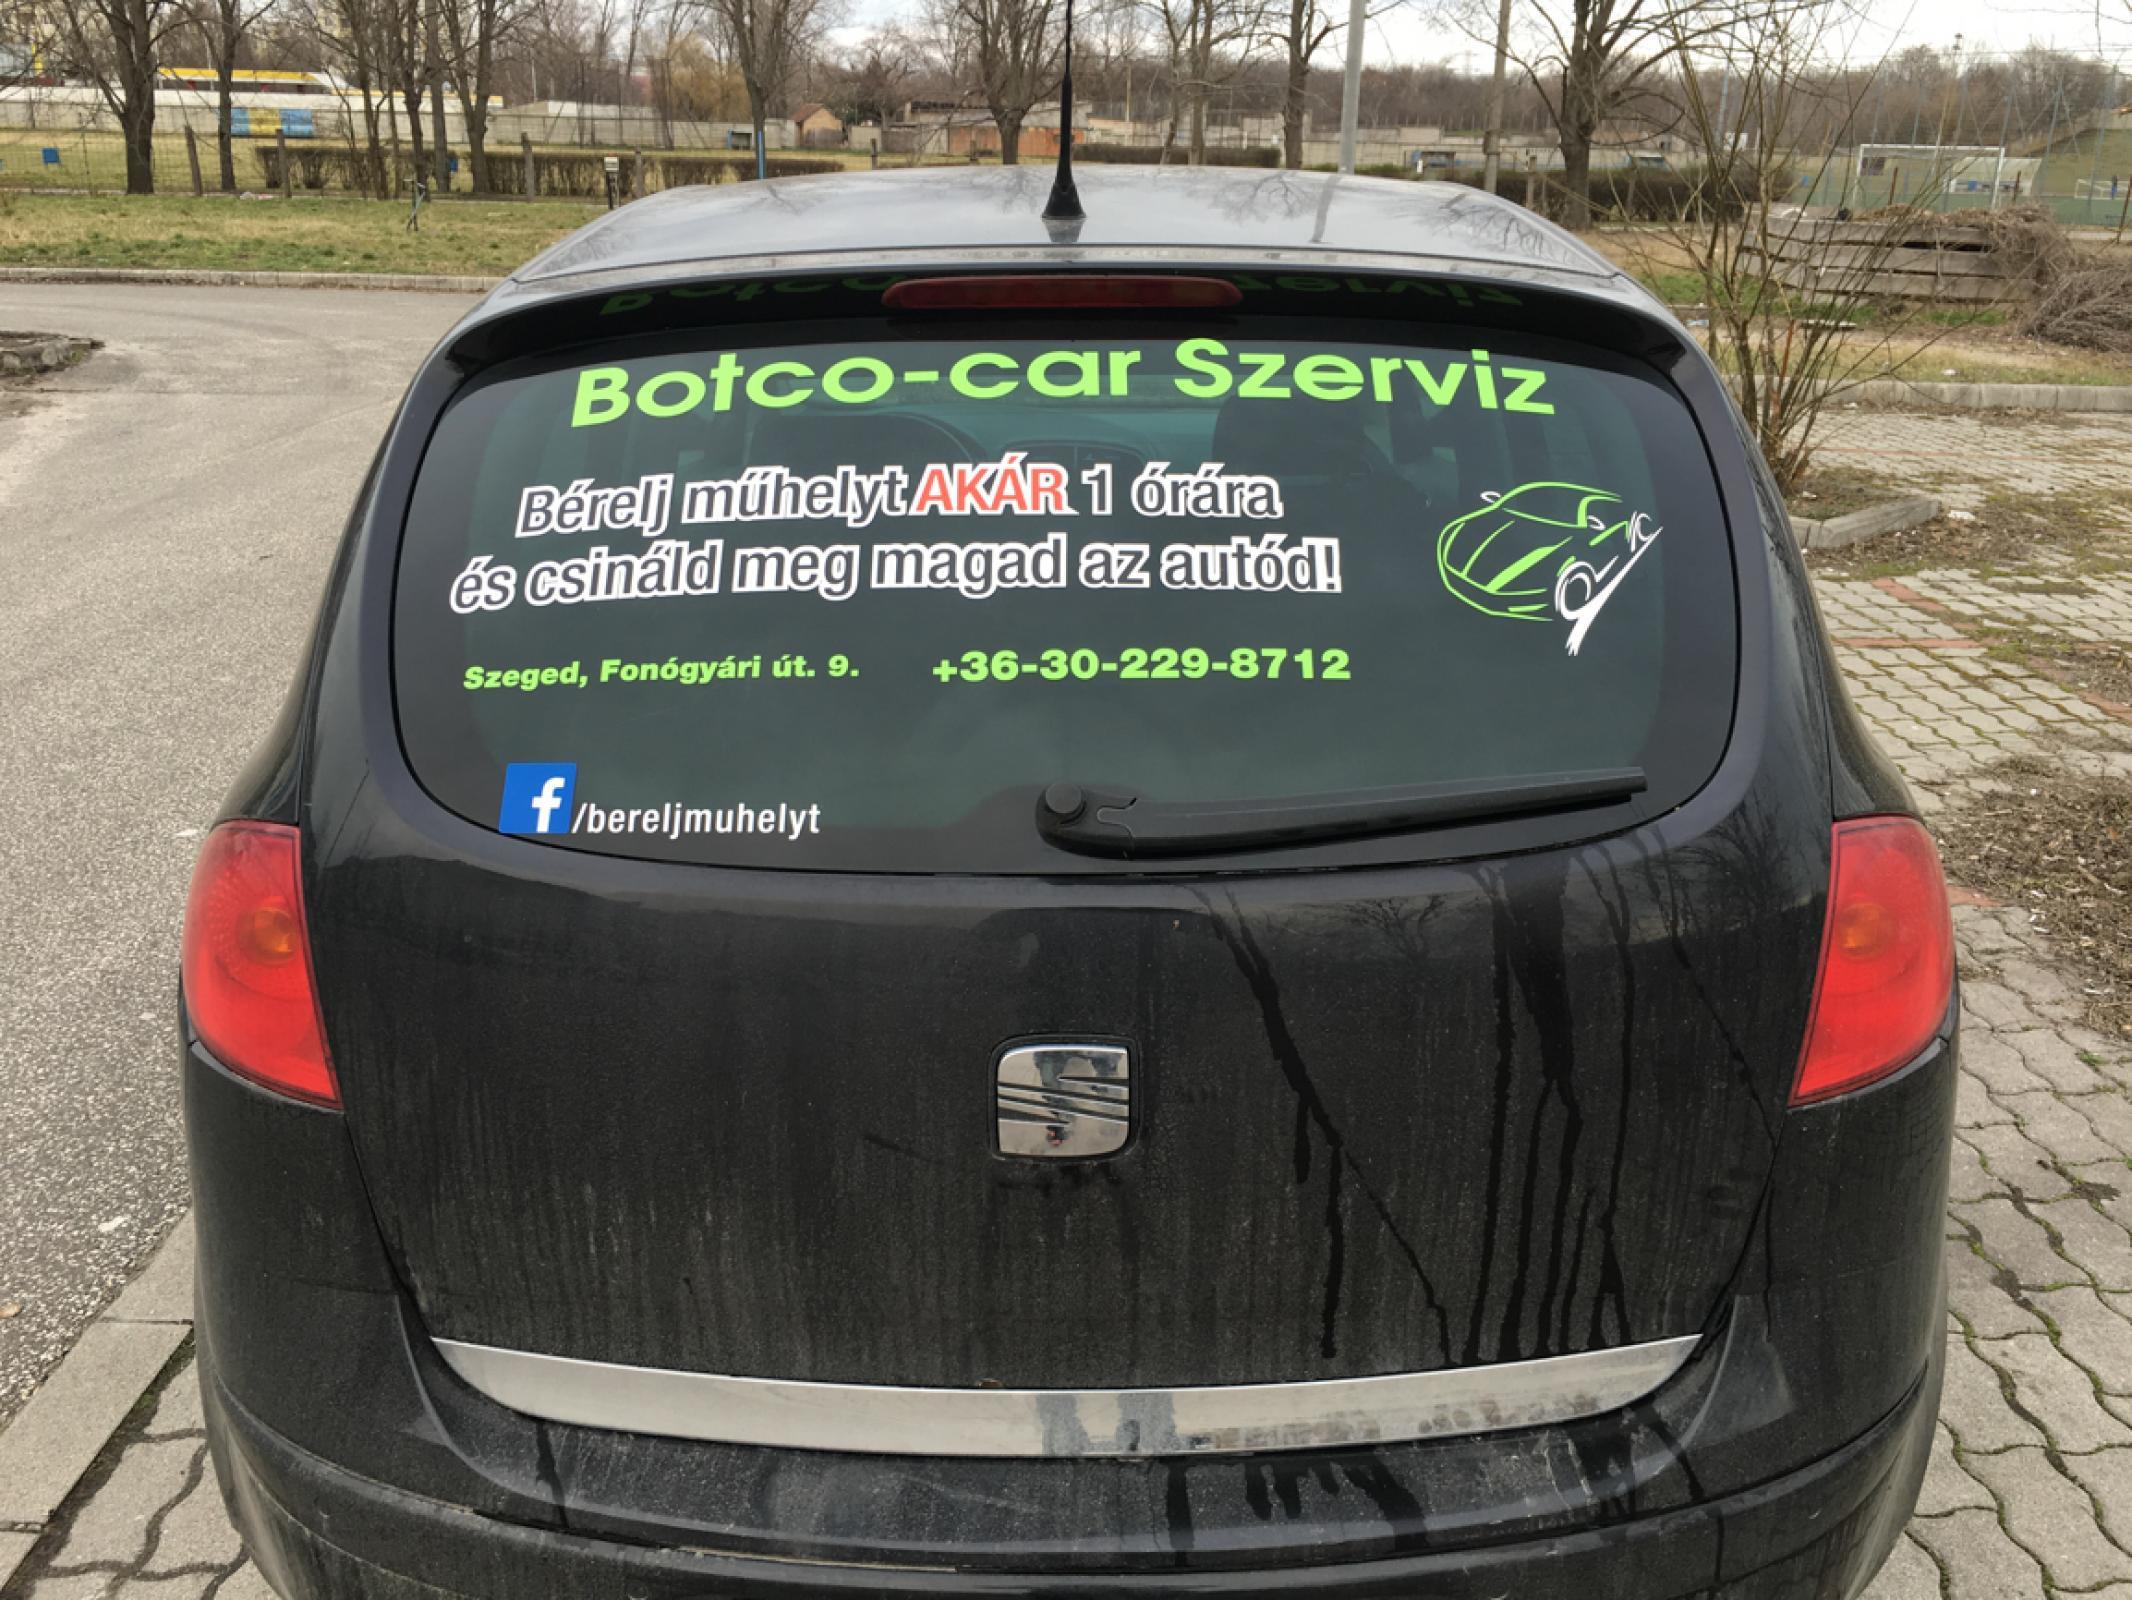 Botco-Car Szerviz